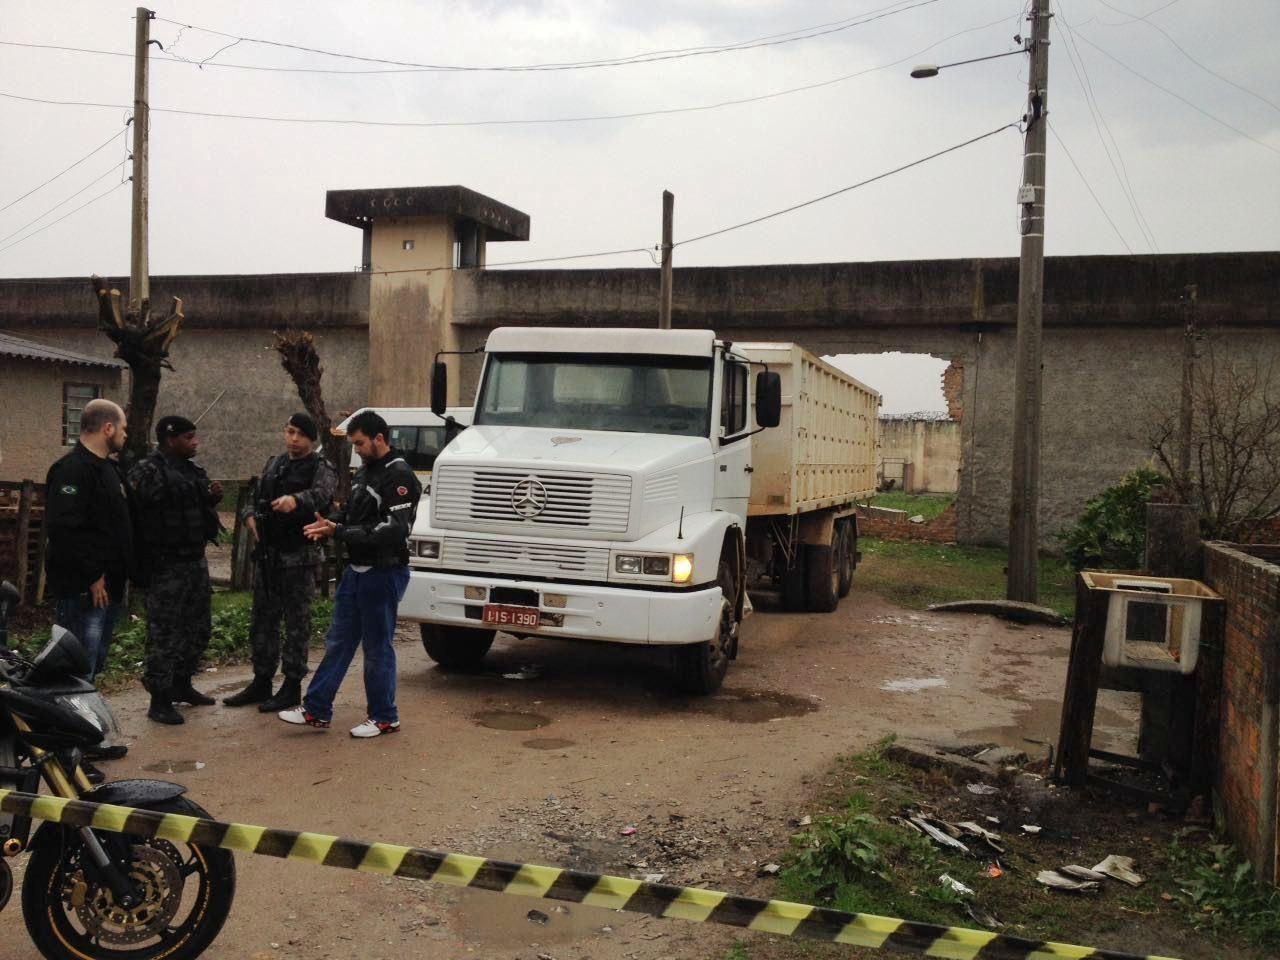 Preso no Paraguai homem que fugiu de presídio de Pelotas em 2016 após caminhão derrubar muro - Noticias